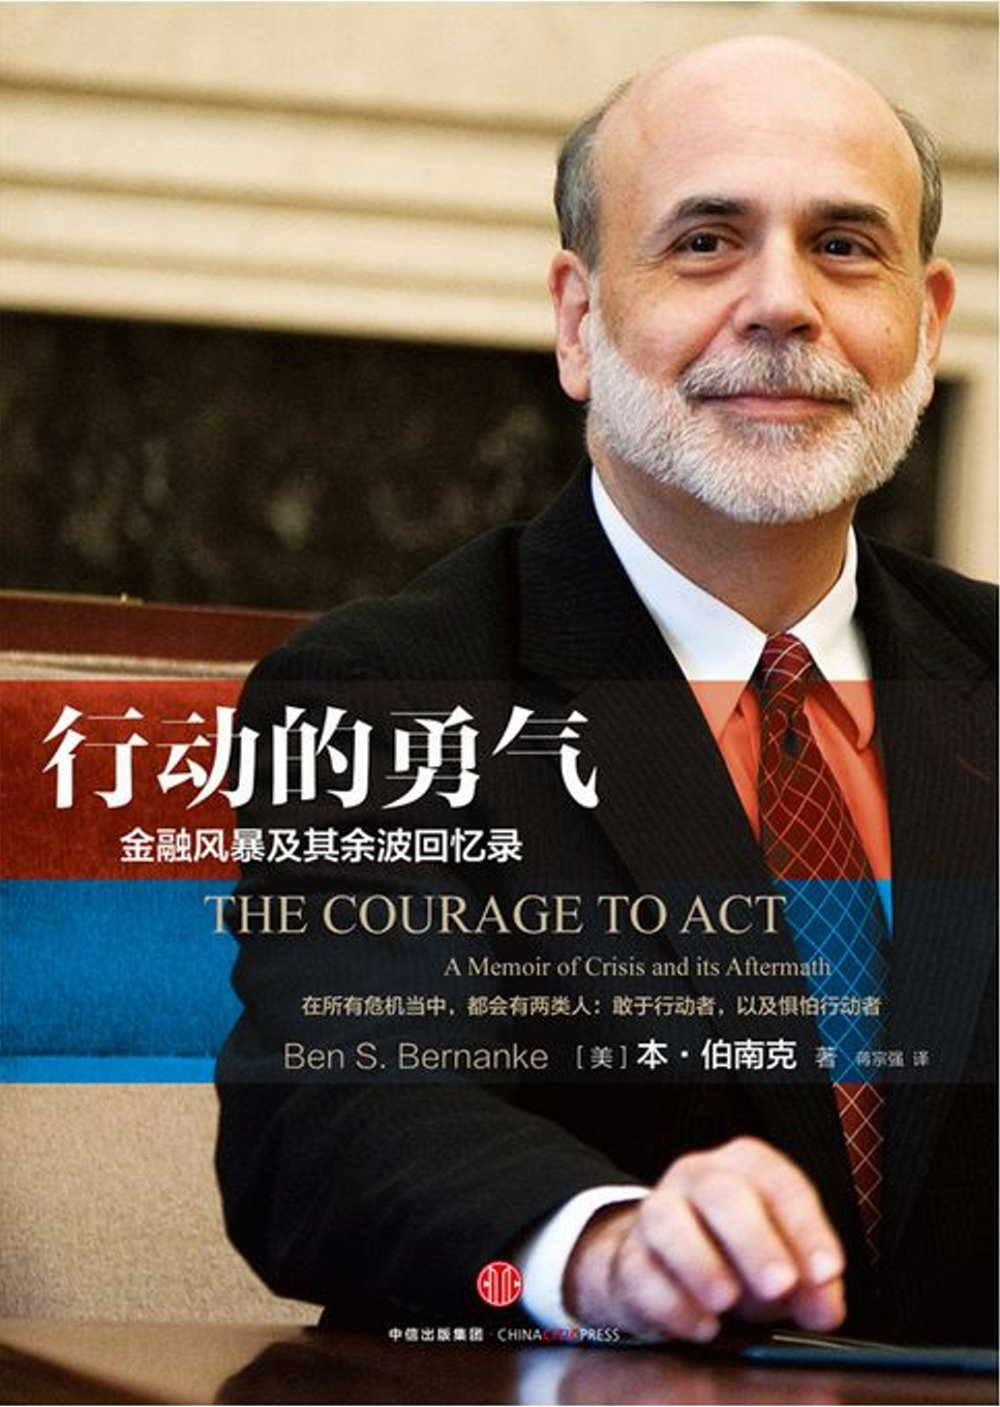 行動的勇氣:金融危機及其余波回憶錄